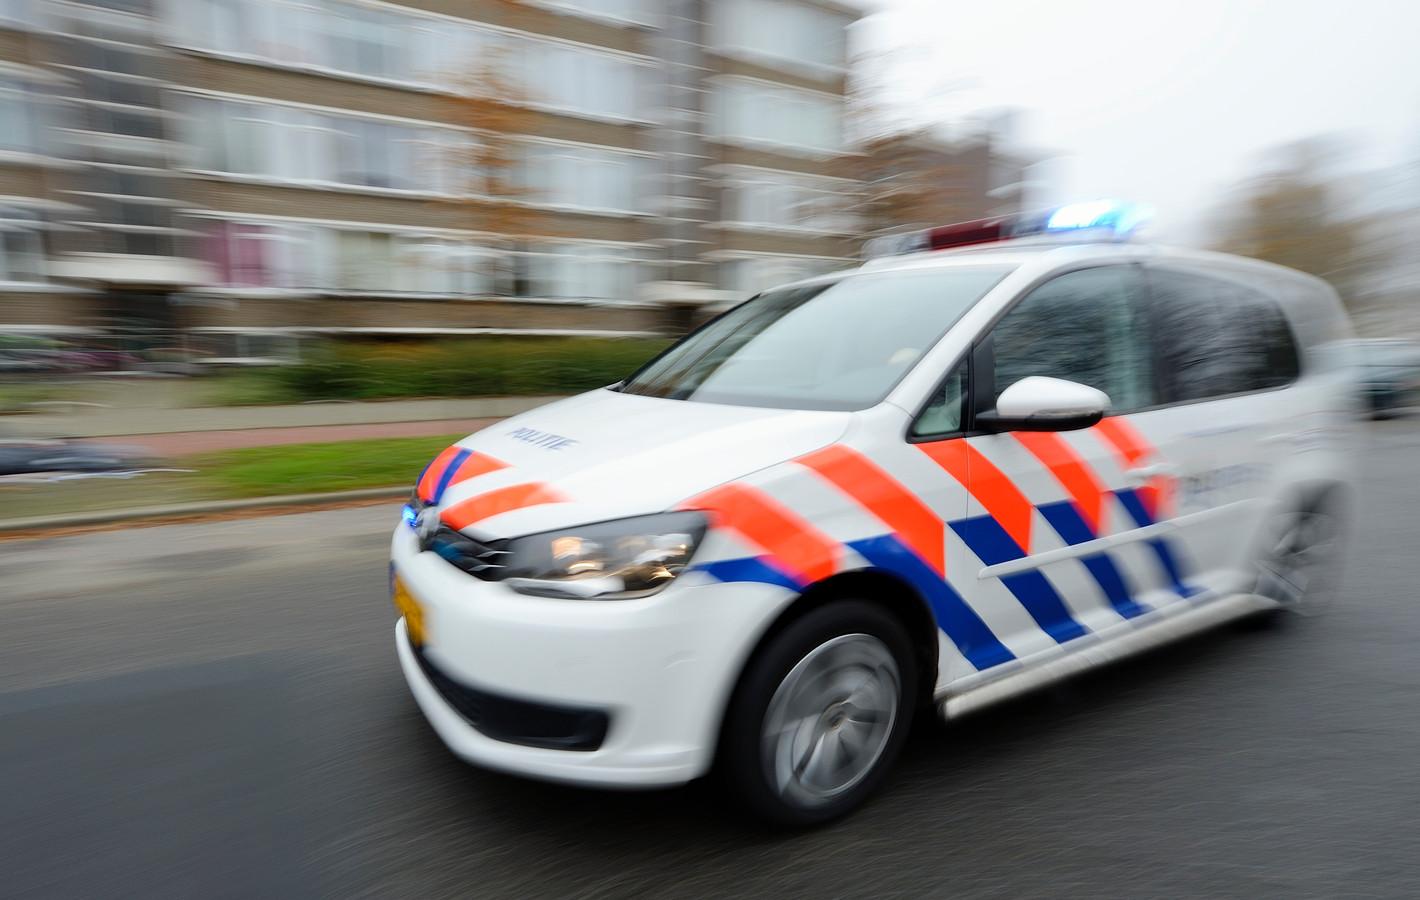 2012-11-19 12:25:52 ILLUSTRATIE  - Een politieauto is onderweg met sirene en zwaailicht. ANP  XTRA LEX VAN LIESHOUT